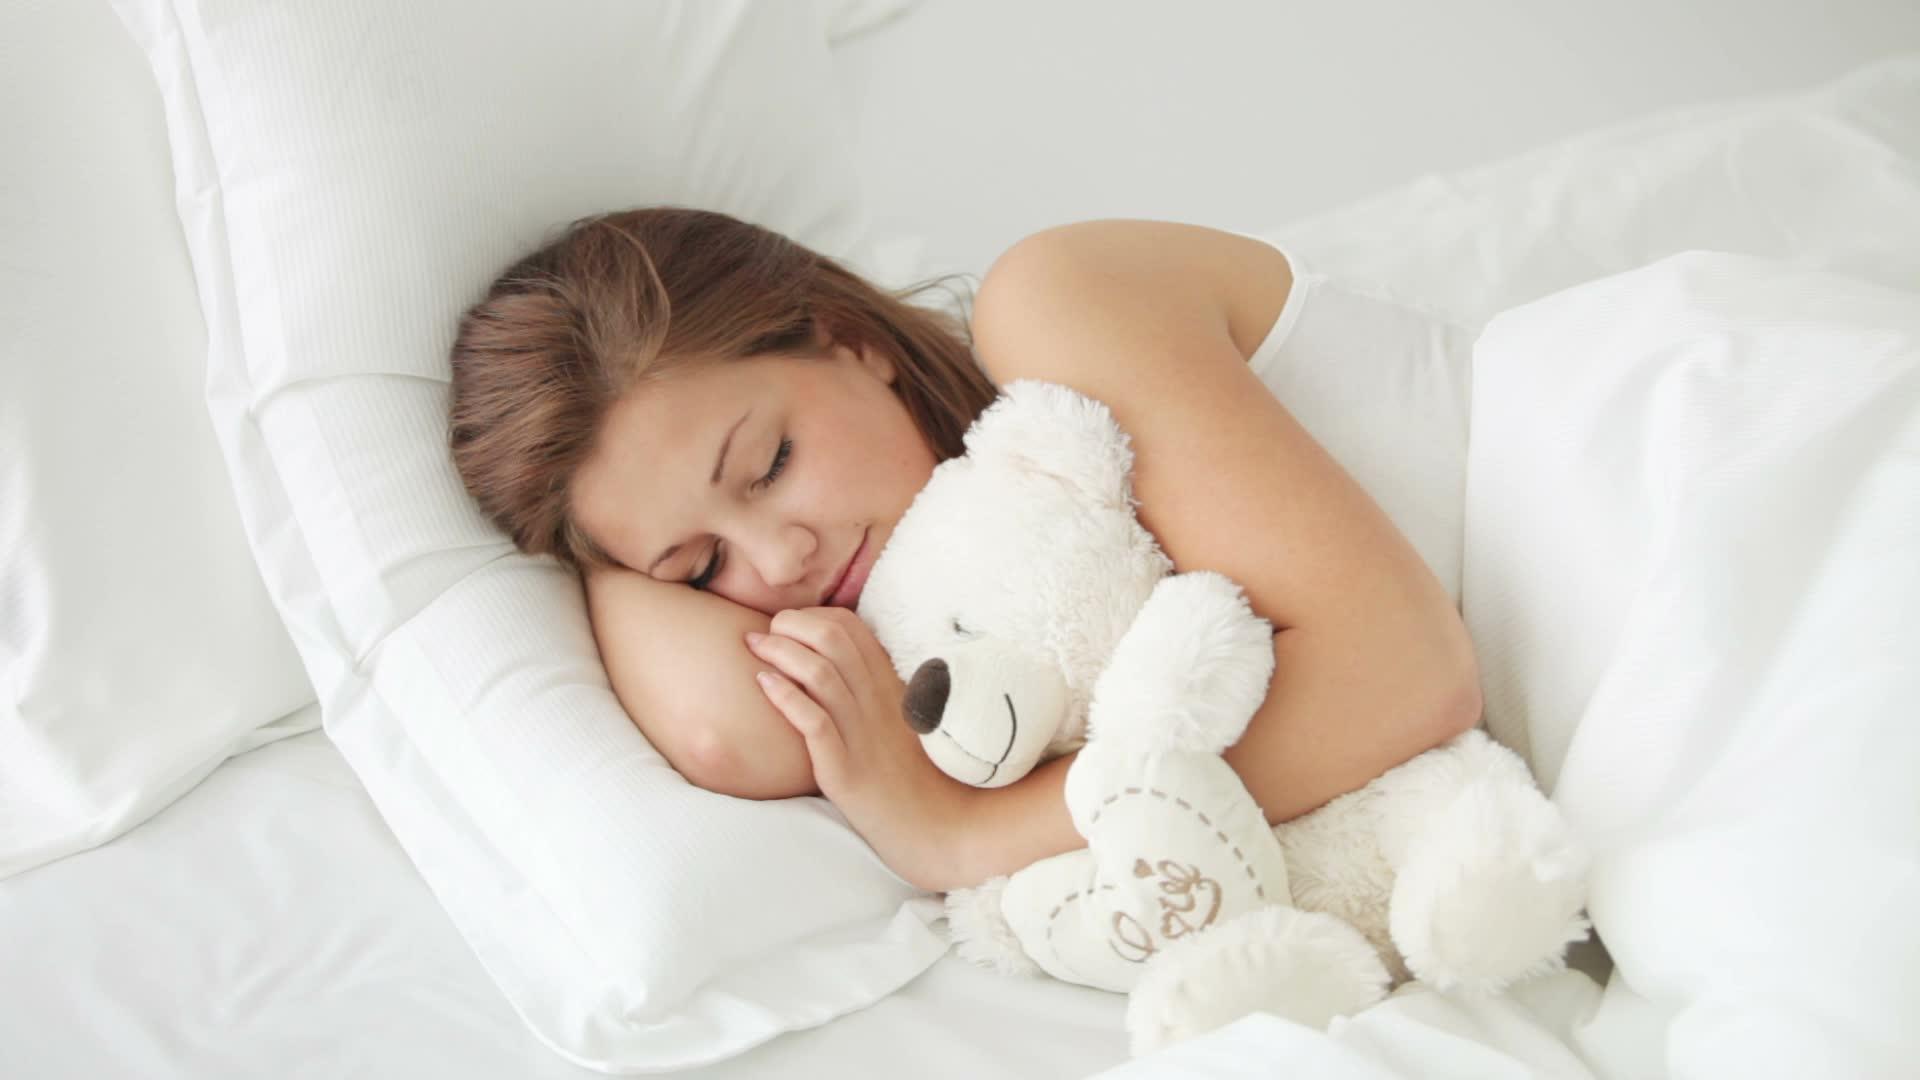 Основные правила крепкого и полноценного сна